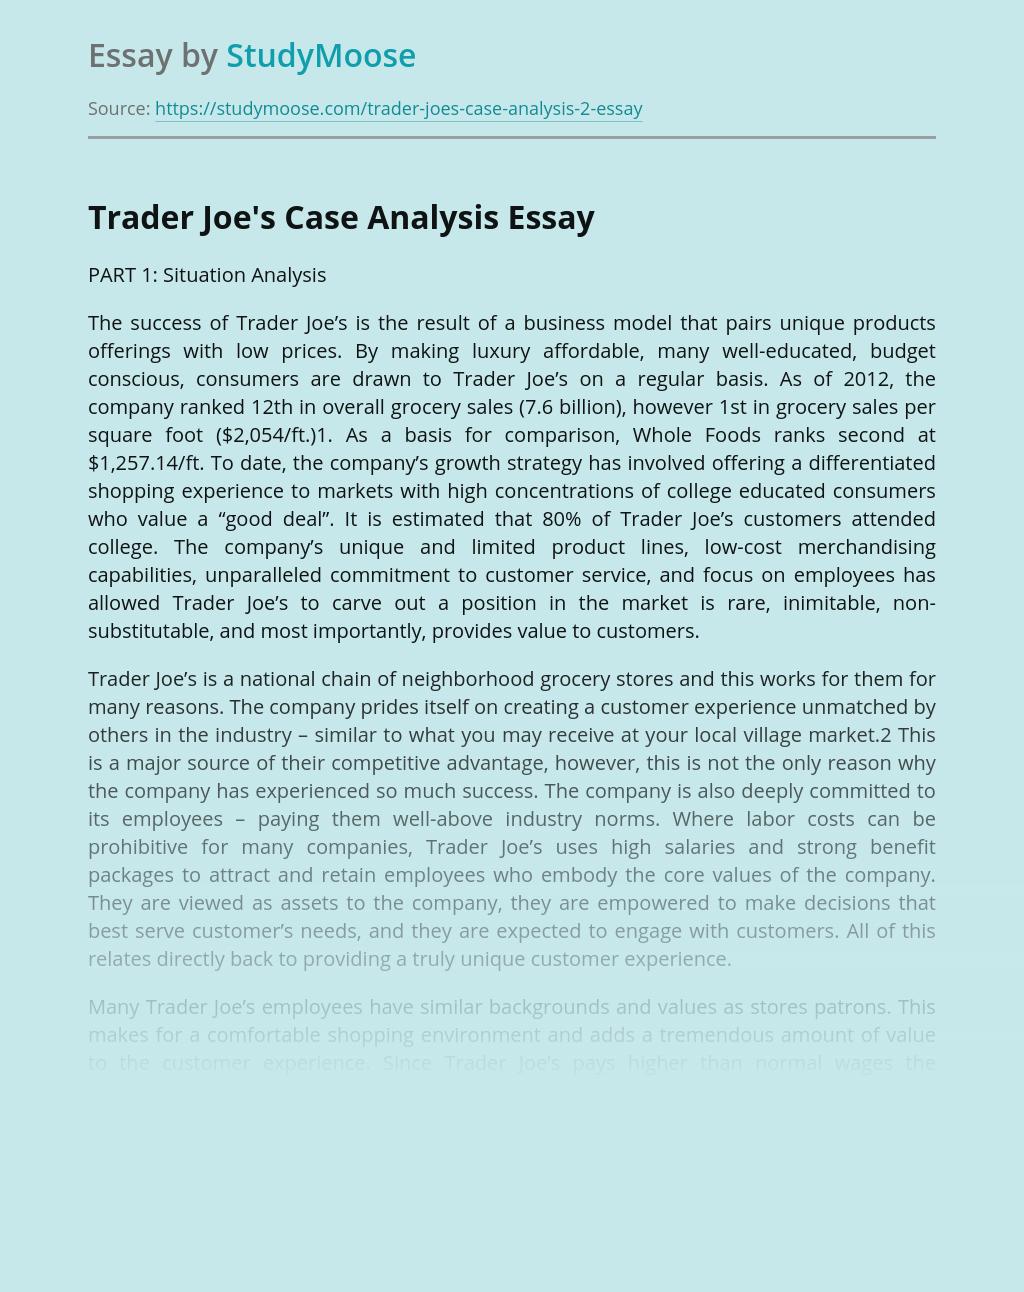 Customer Focus of Trader Joe's